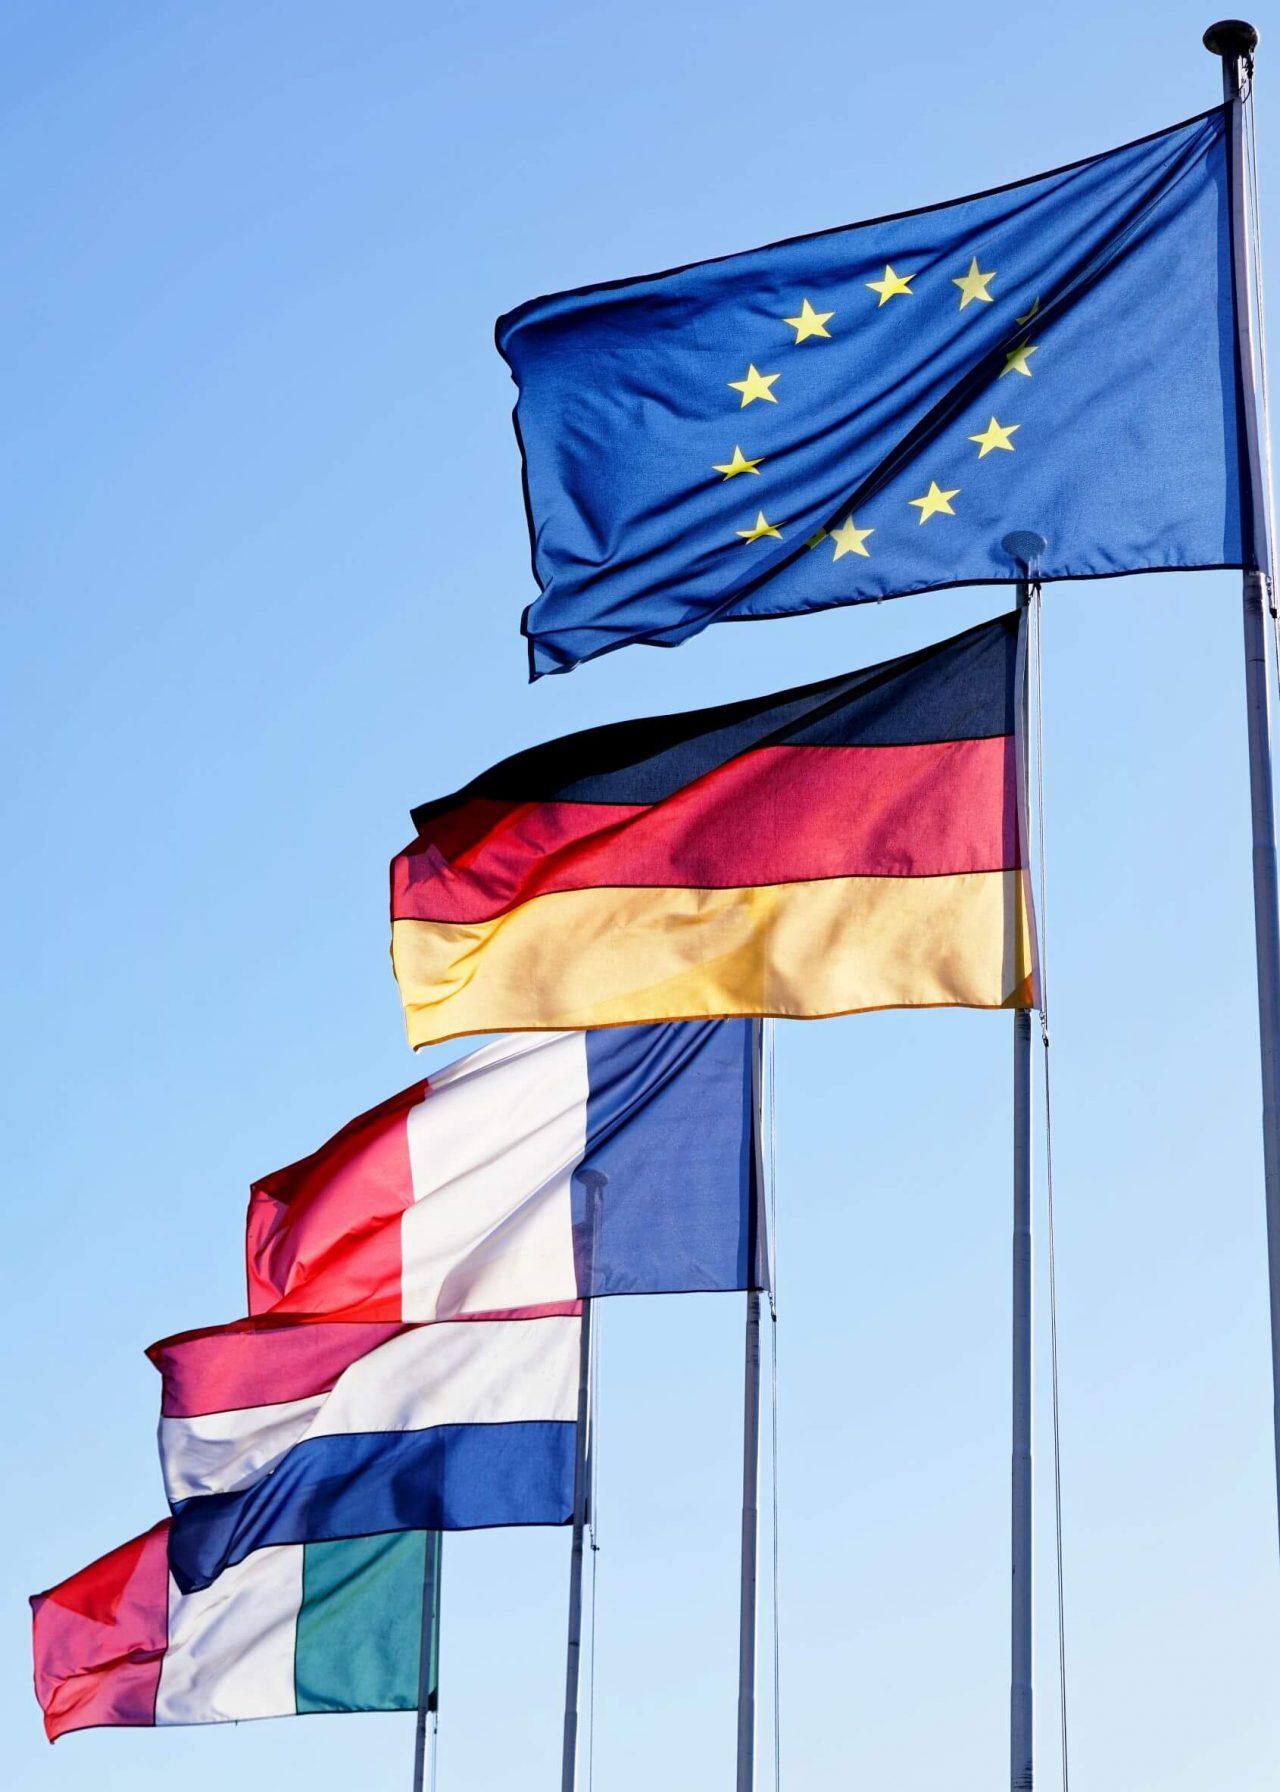 Flagstænger med EU-flaget med flere